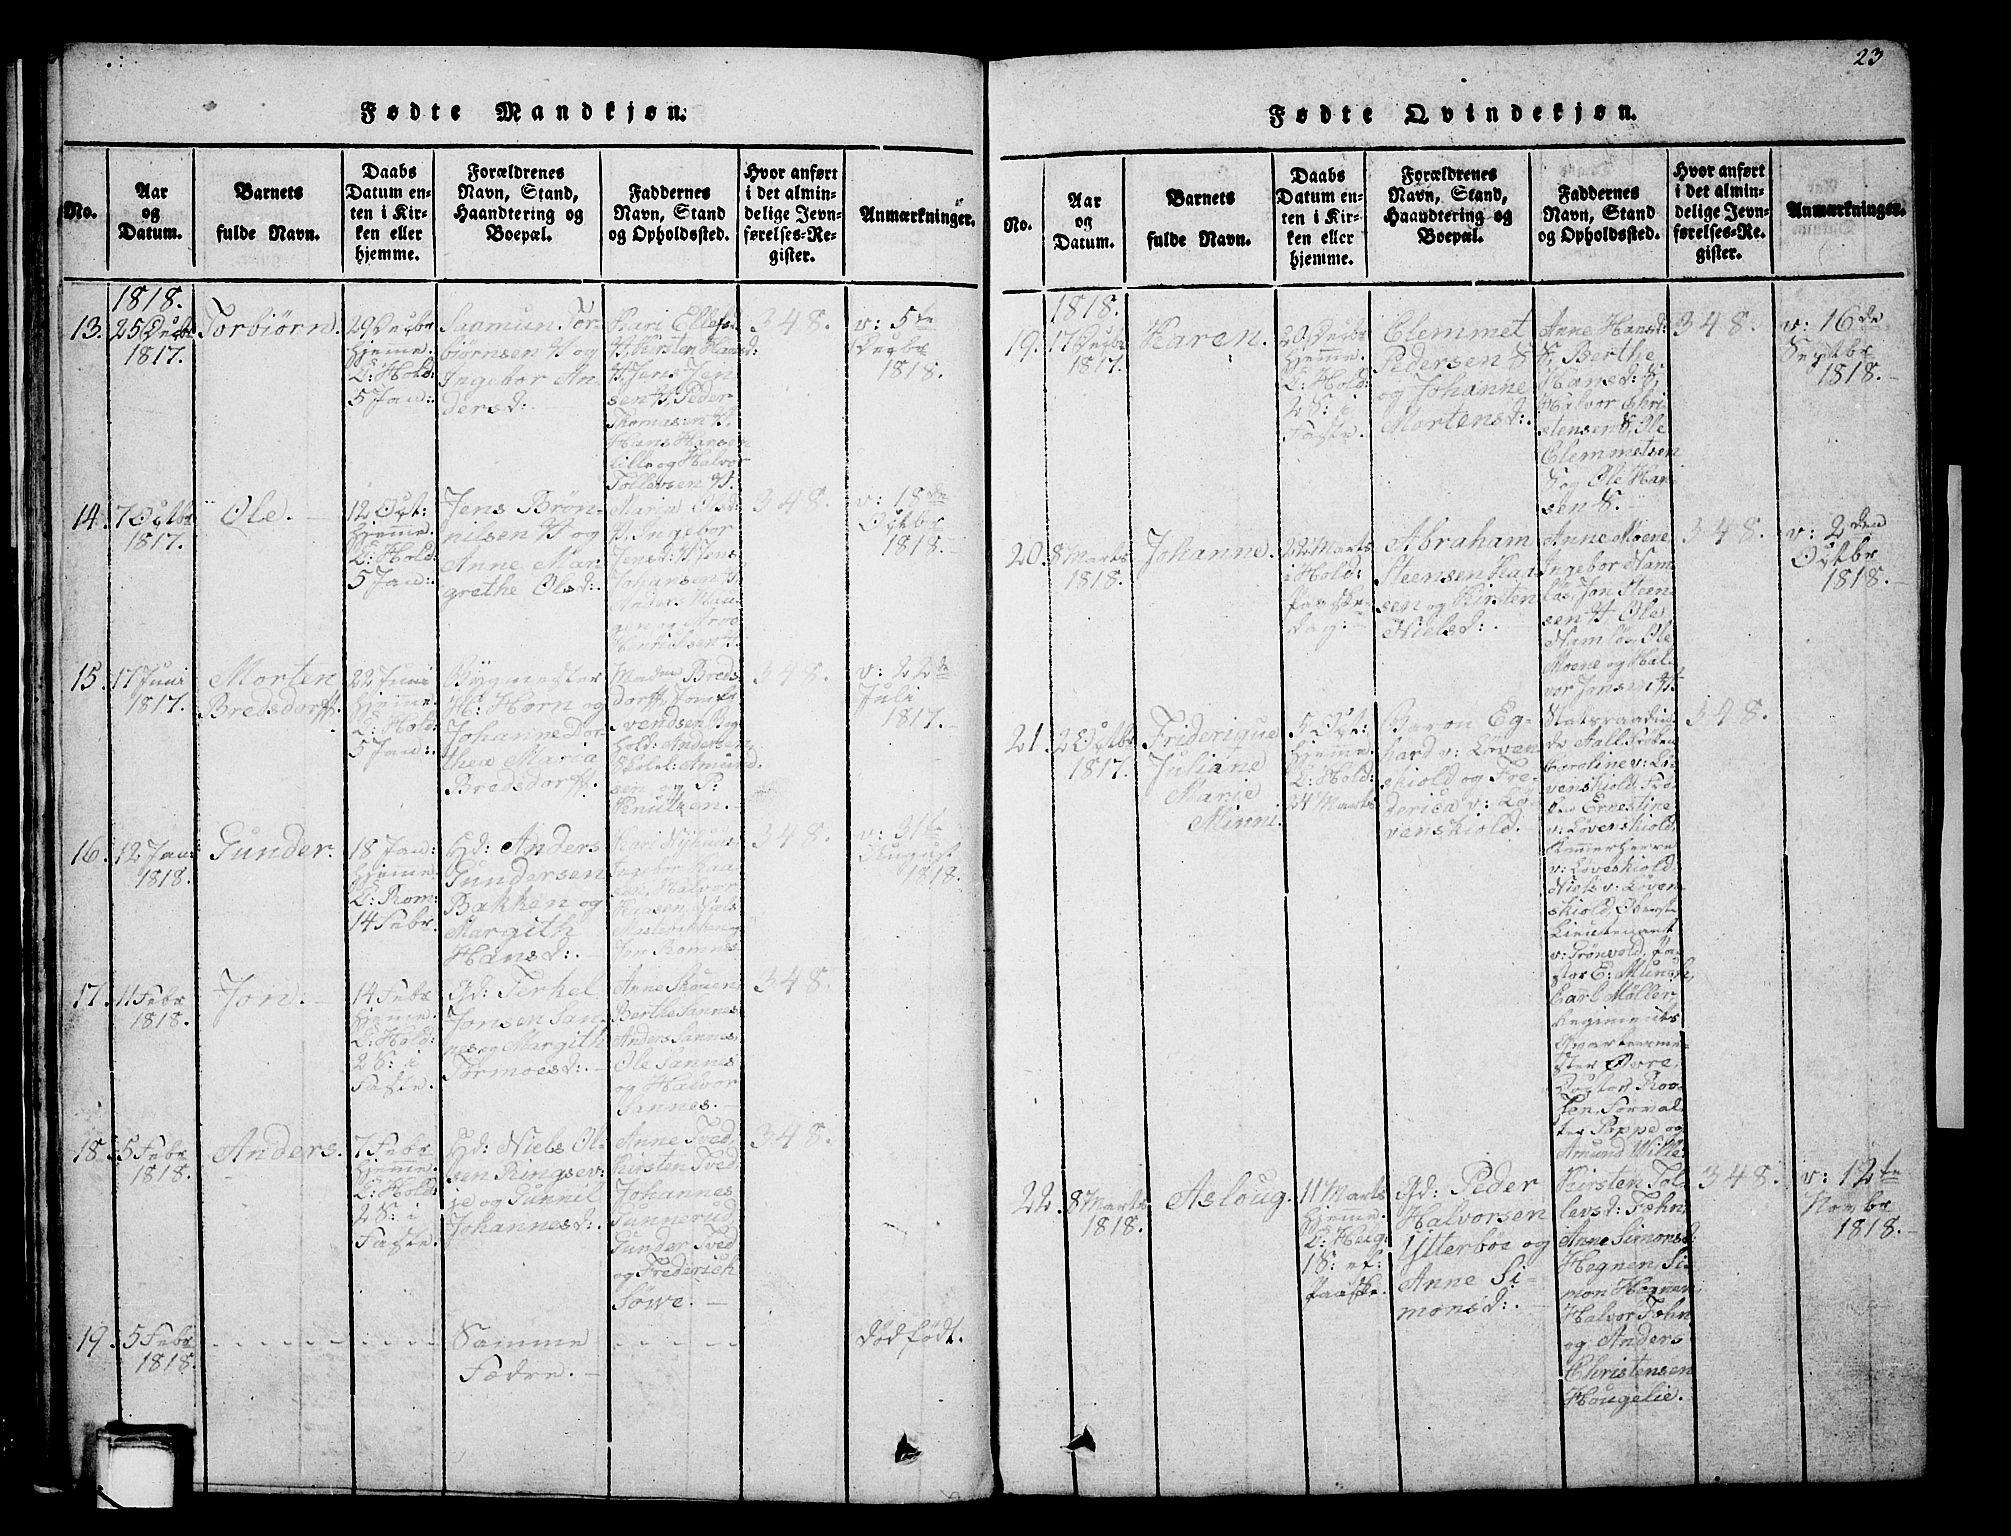 SAKO, Holla kirkebøker, G/Ga/L0001: Klokkerbok nr. I 1, 1814-1830, s. 23